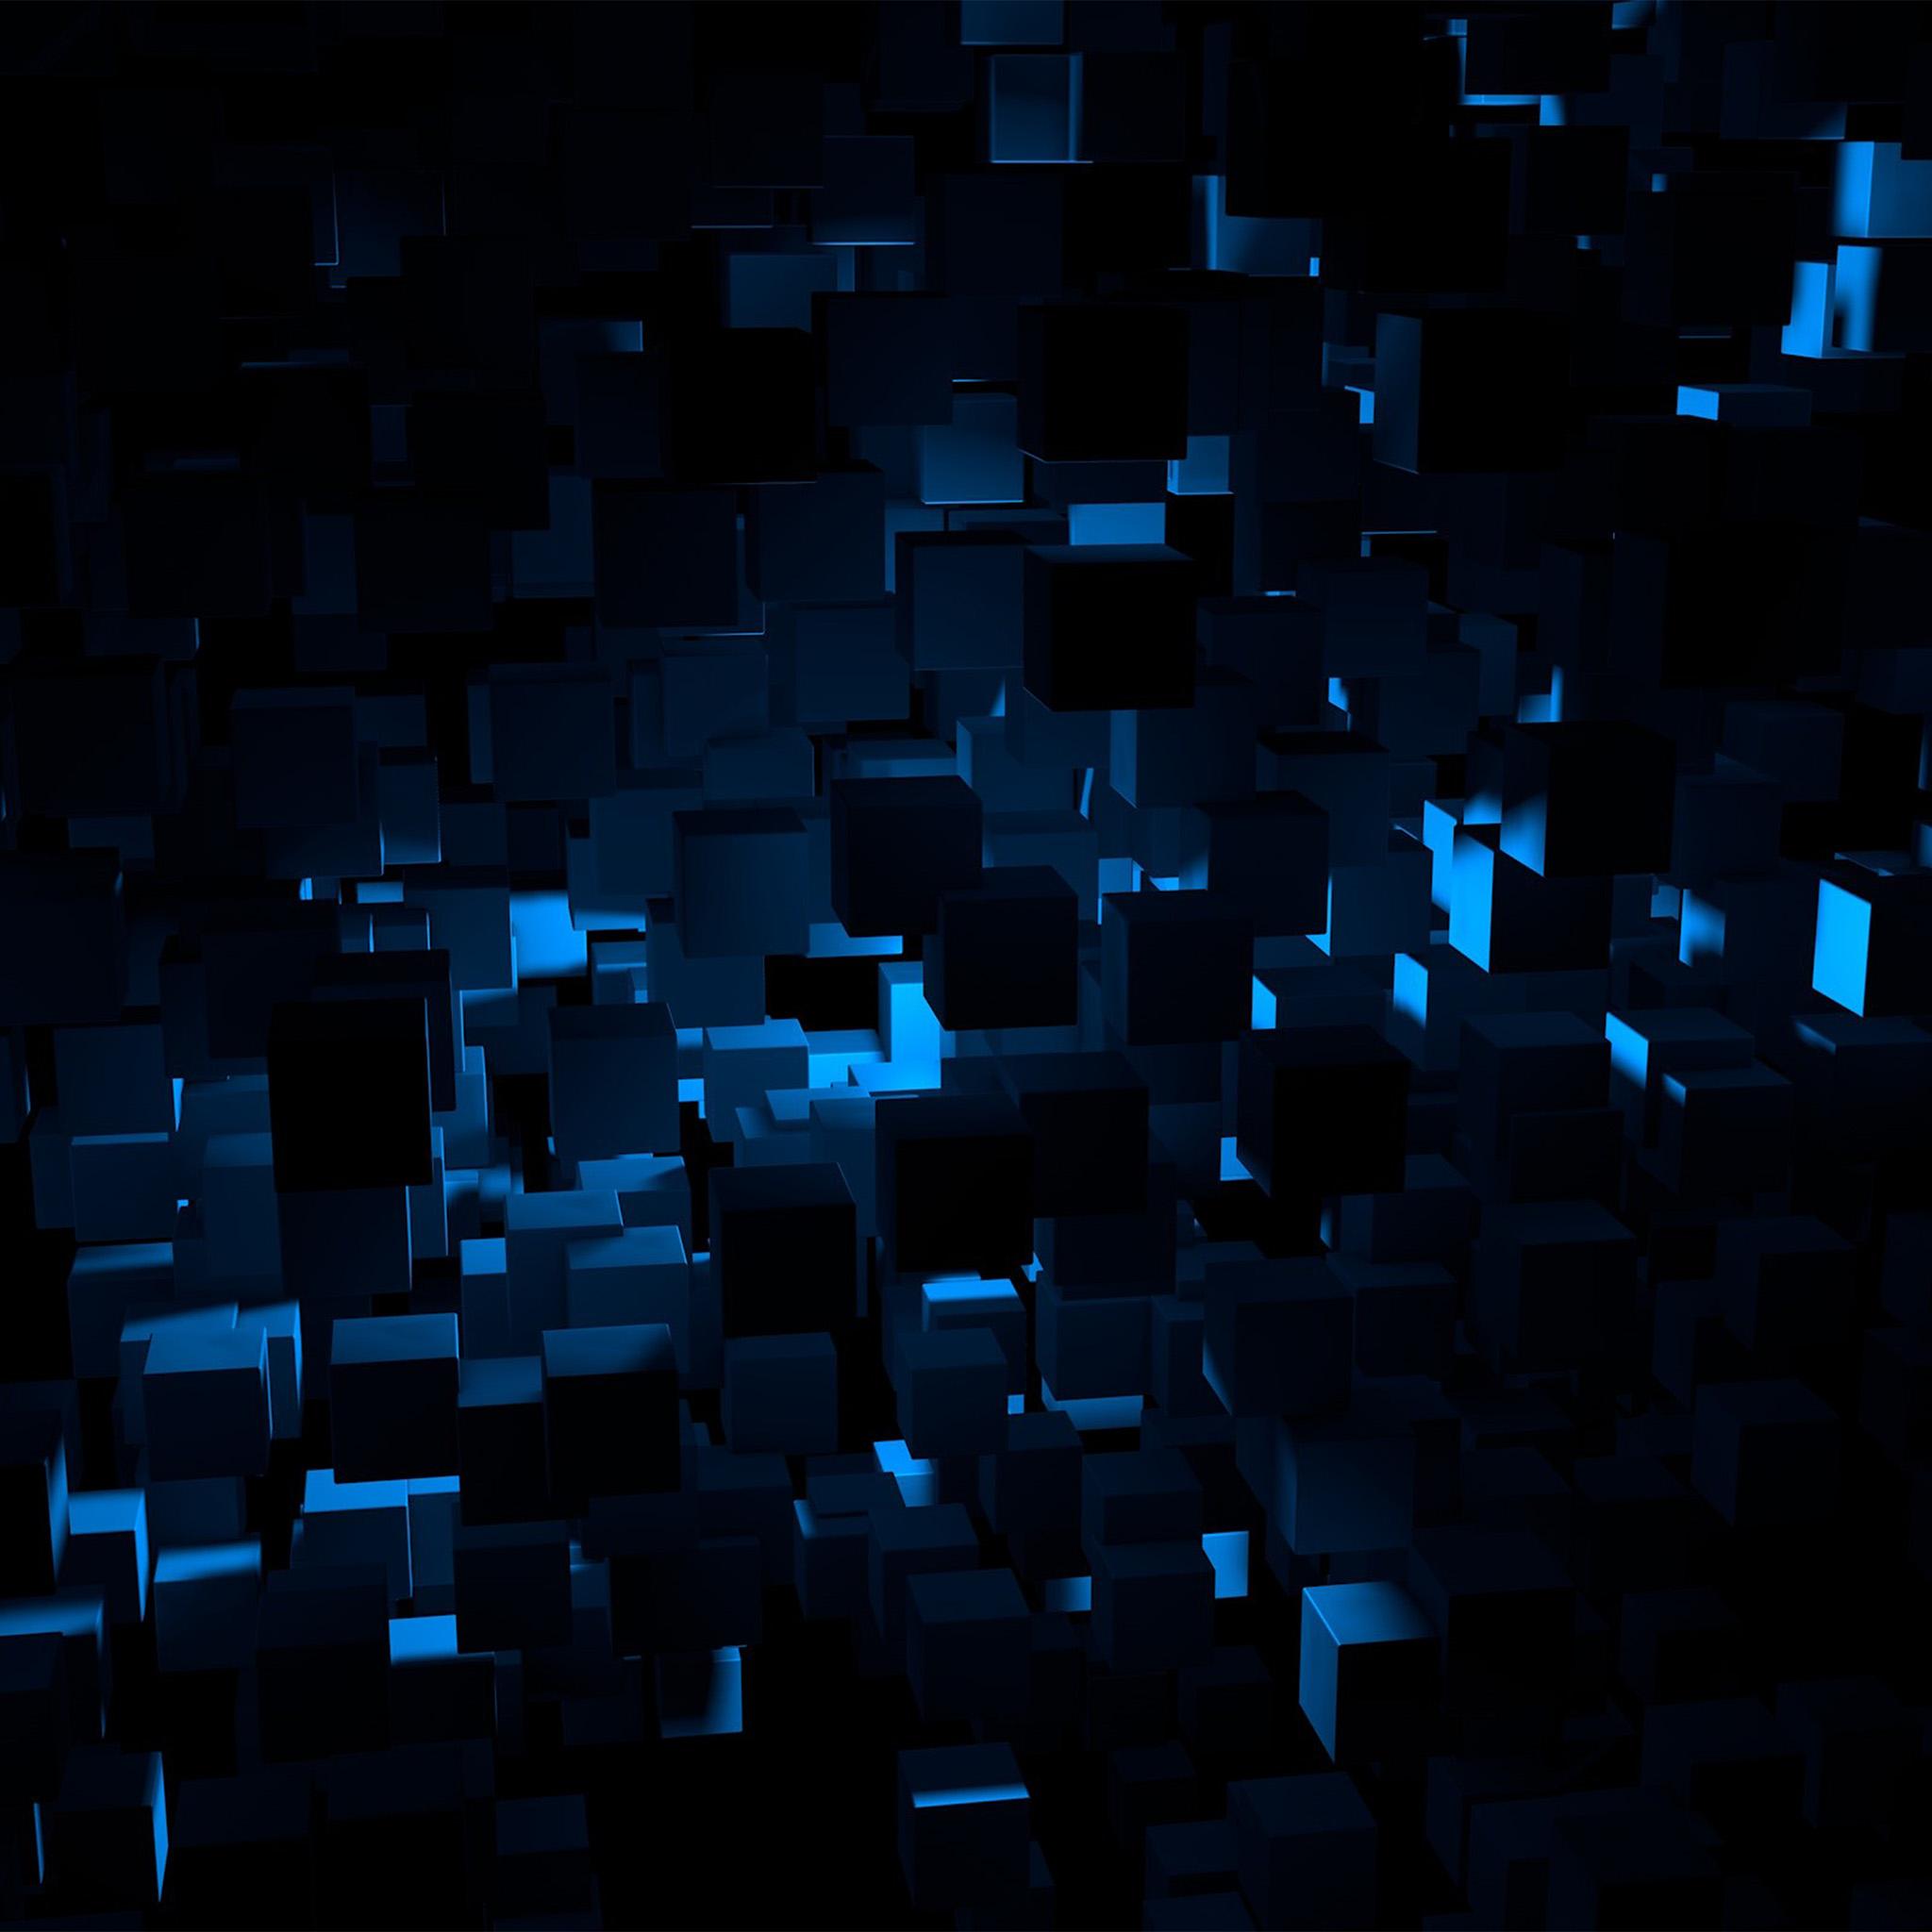 Vn22 Cube Dark Blue Abstract Pattern Wallpaper